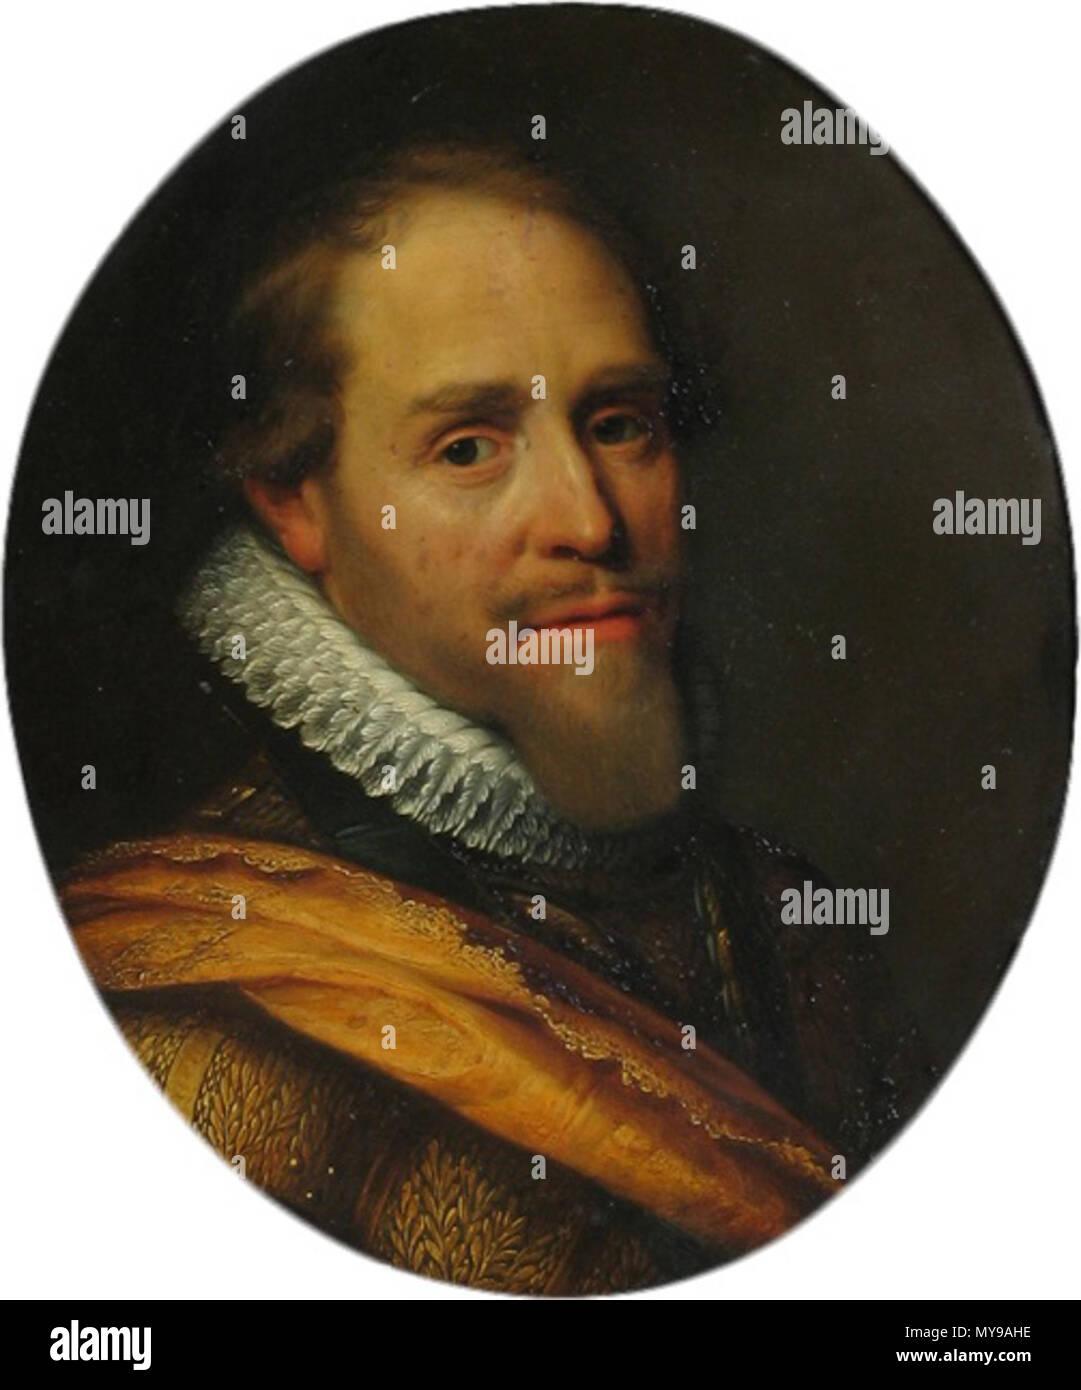 433 Retrato de Maurice, Príncipe de Orange, por Michiel van Mierevelt Musée d'Art et d'Histoire d'Orange Foto de stock